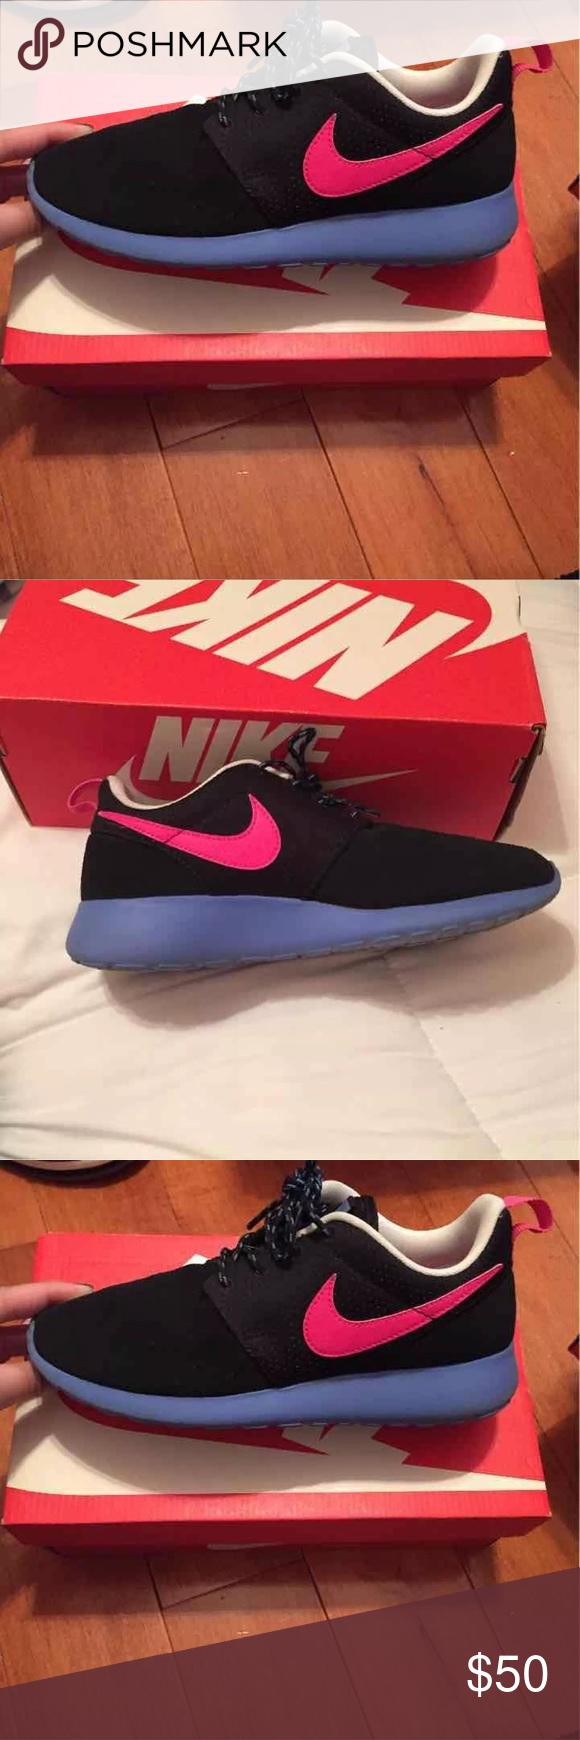 Nike Roshe Run Herren Floral Blau Gold : Nike Air Max Rea,50